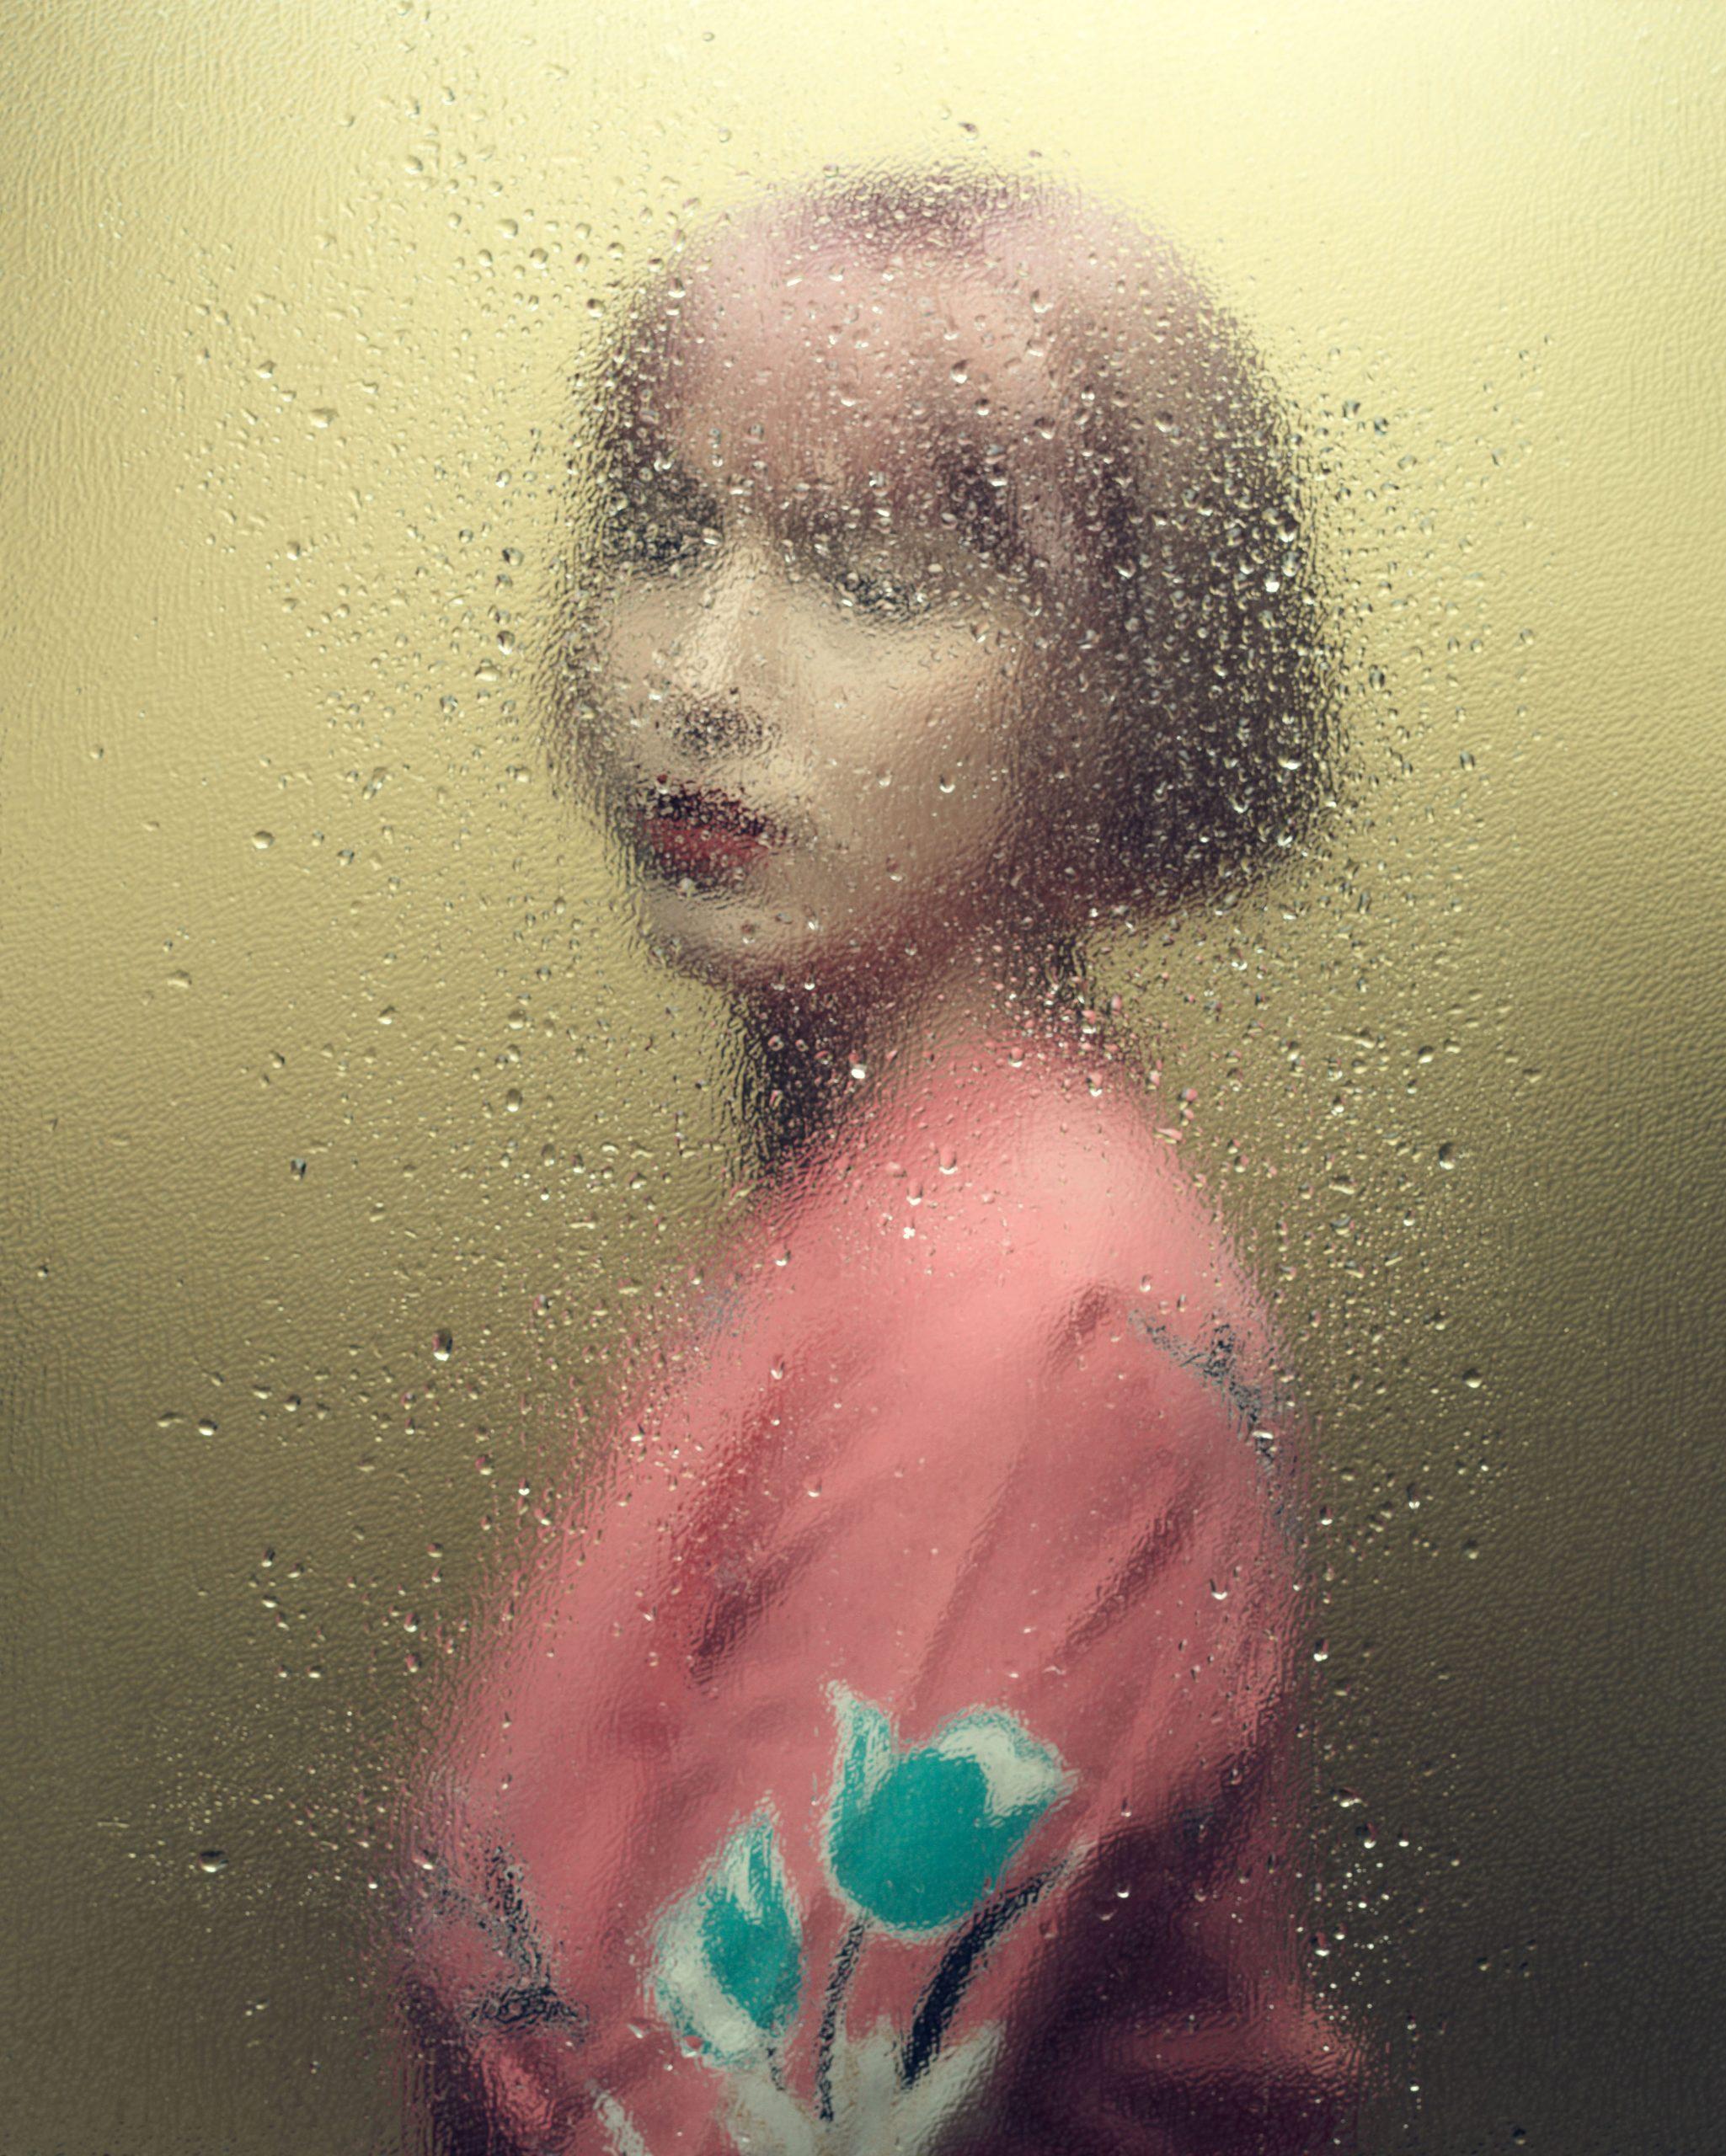 摄影师Jean-FrançoisHoude穿着粉色衣服的女人的肖像照片